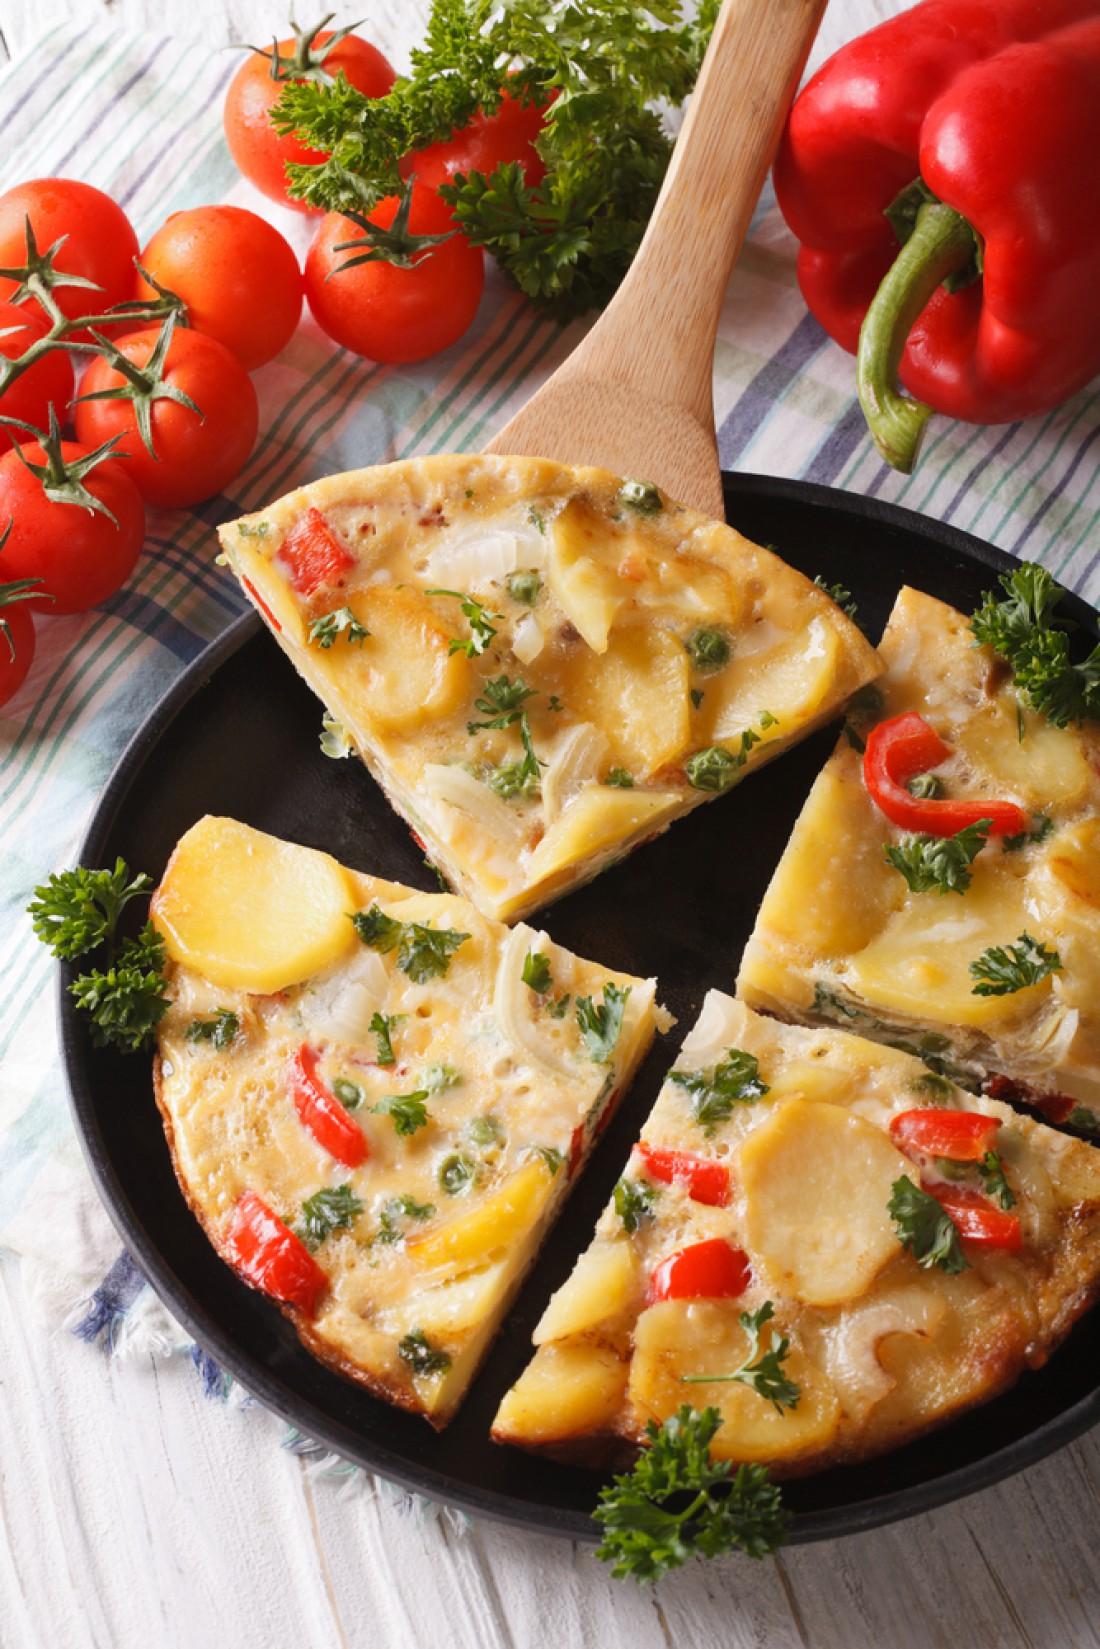 Испанская тортилья: рецепт с фото